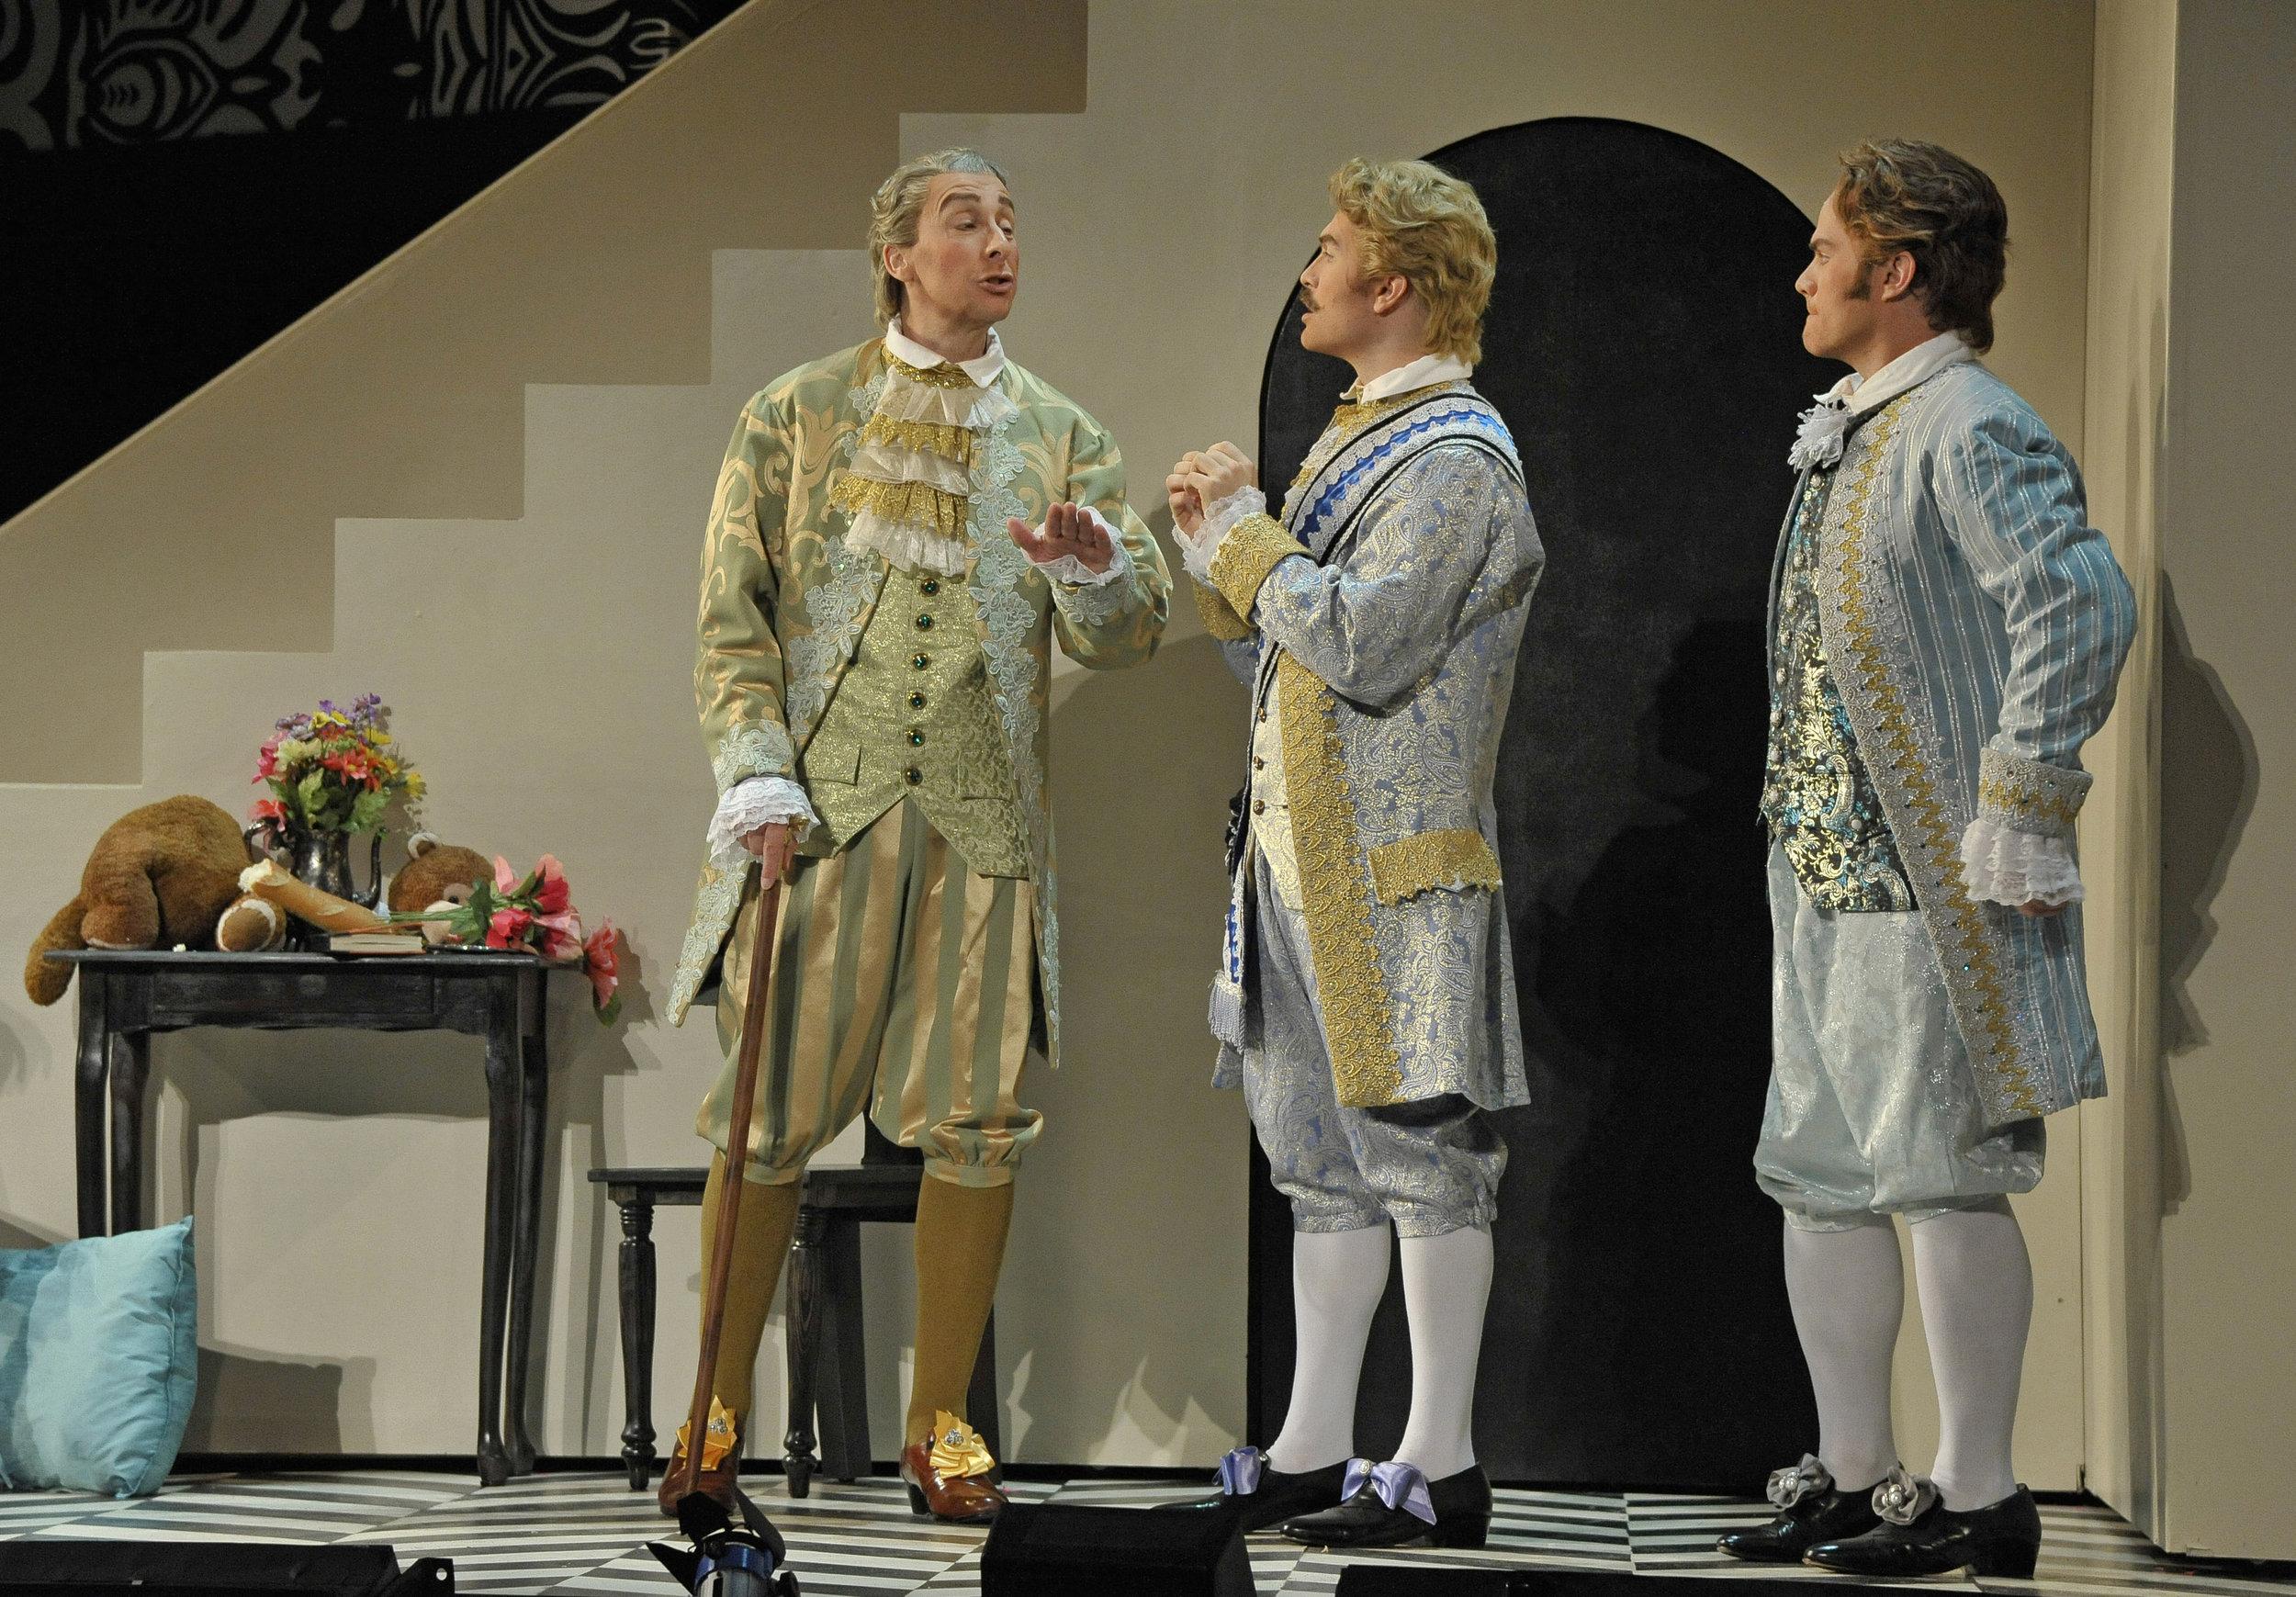 Opera_Saratoga_GG27754.jpg